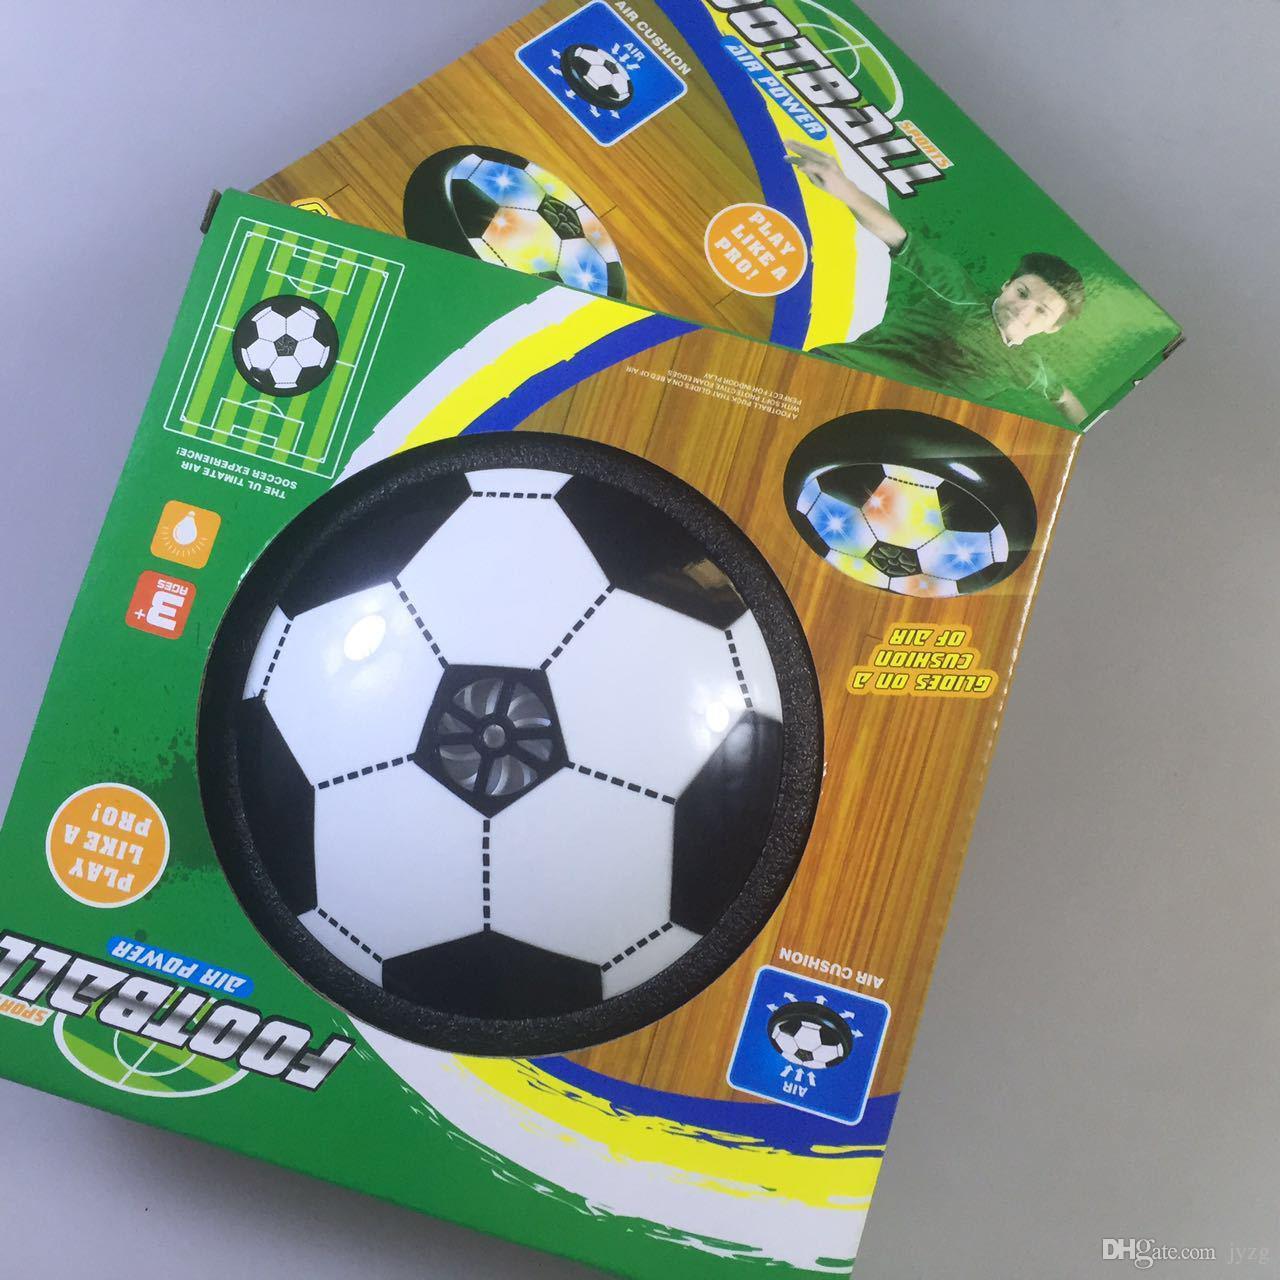 New Classic Crianças Brinquedos Suspensão de Futebol LEVOU Almofada De Ar Elétrico de Futebol Disco Pneumático Para Crianças Menino Brinquedo Jogo Indoor